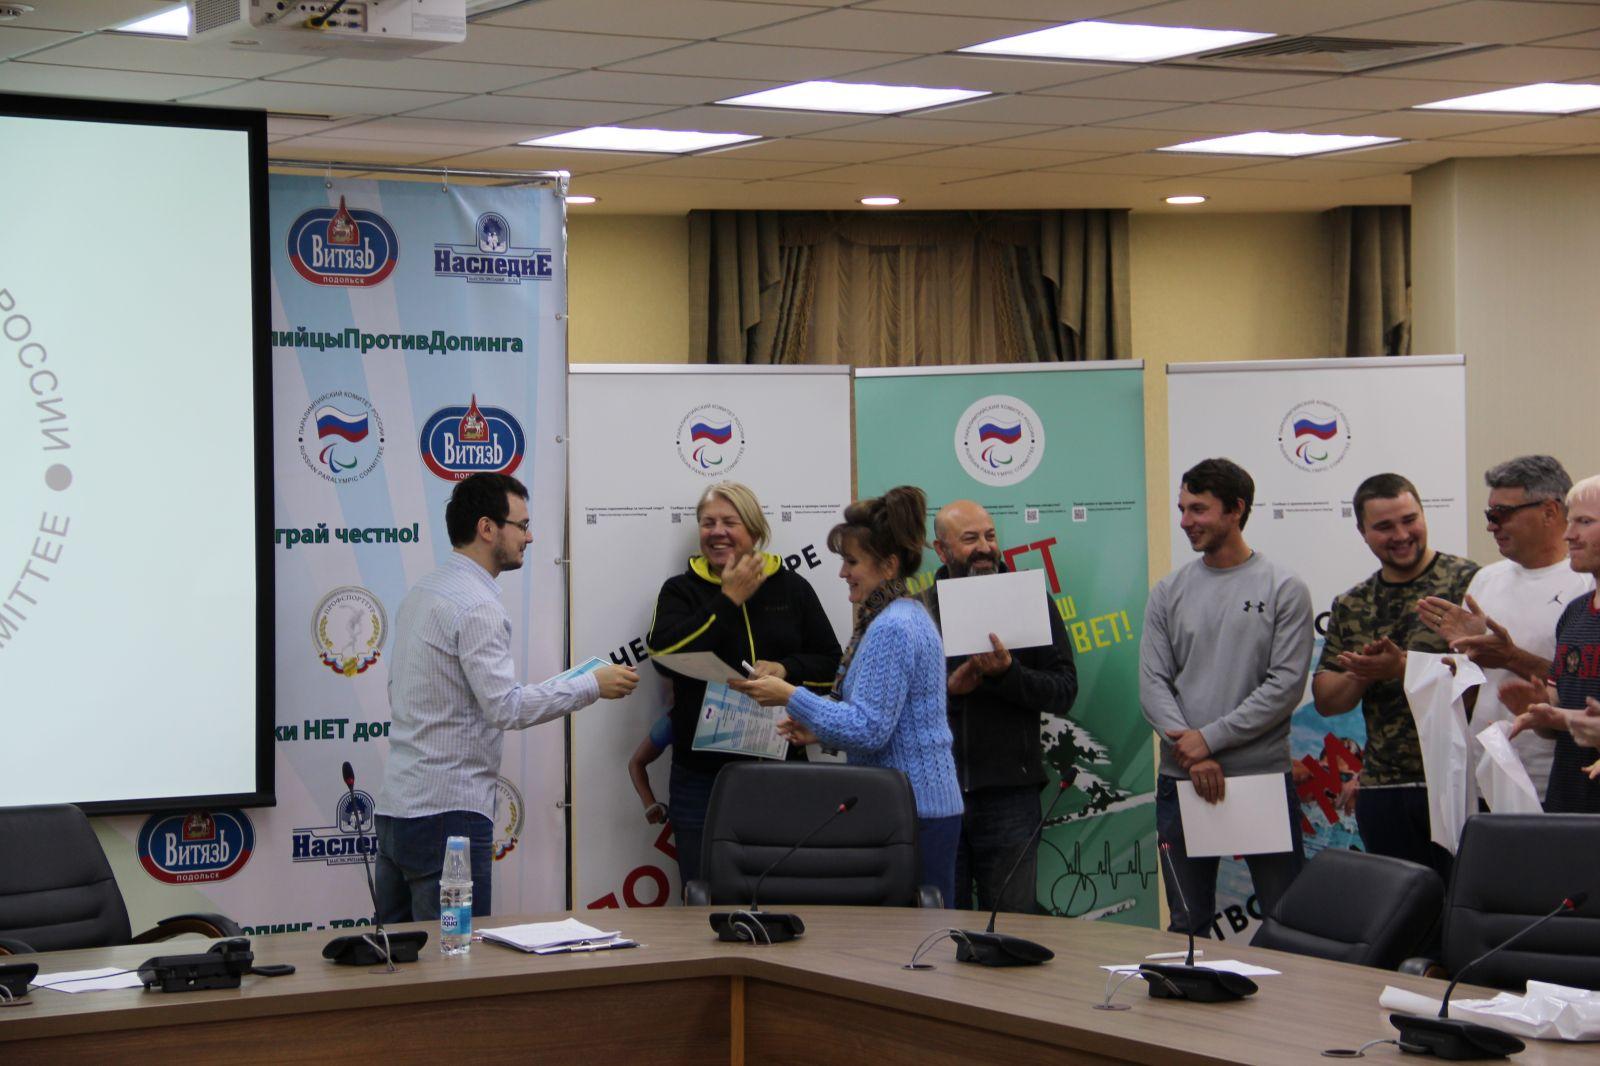 ПКР в г. Москве в офисе ПКР провел Антидопинговый семинар для членов сборной команды России по горнолыжному спорту слепых